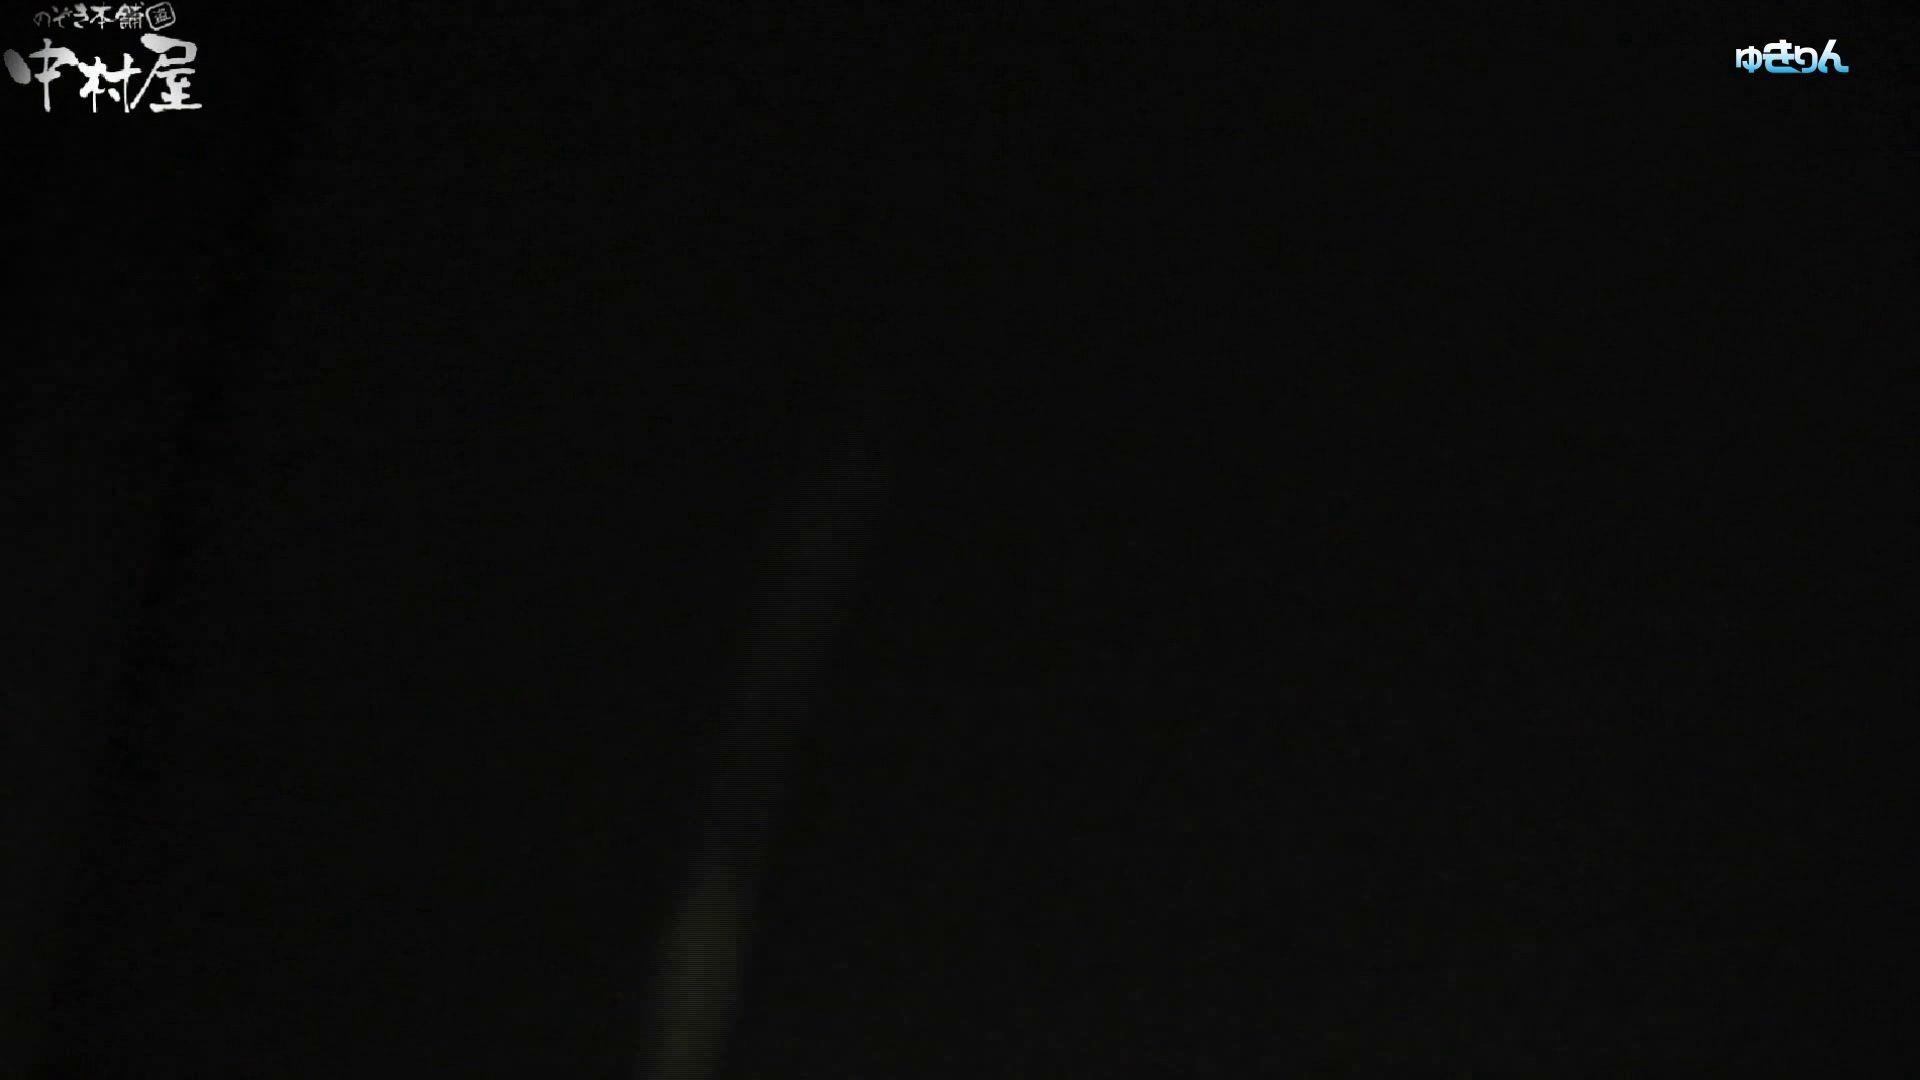 世界の射窓から~ステーション編 vol58 0.1%の確率!!吸い付こまれるプレミアム聖地 おまんこ見放題  80PIX 58